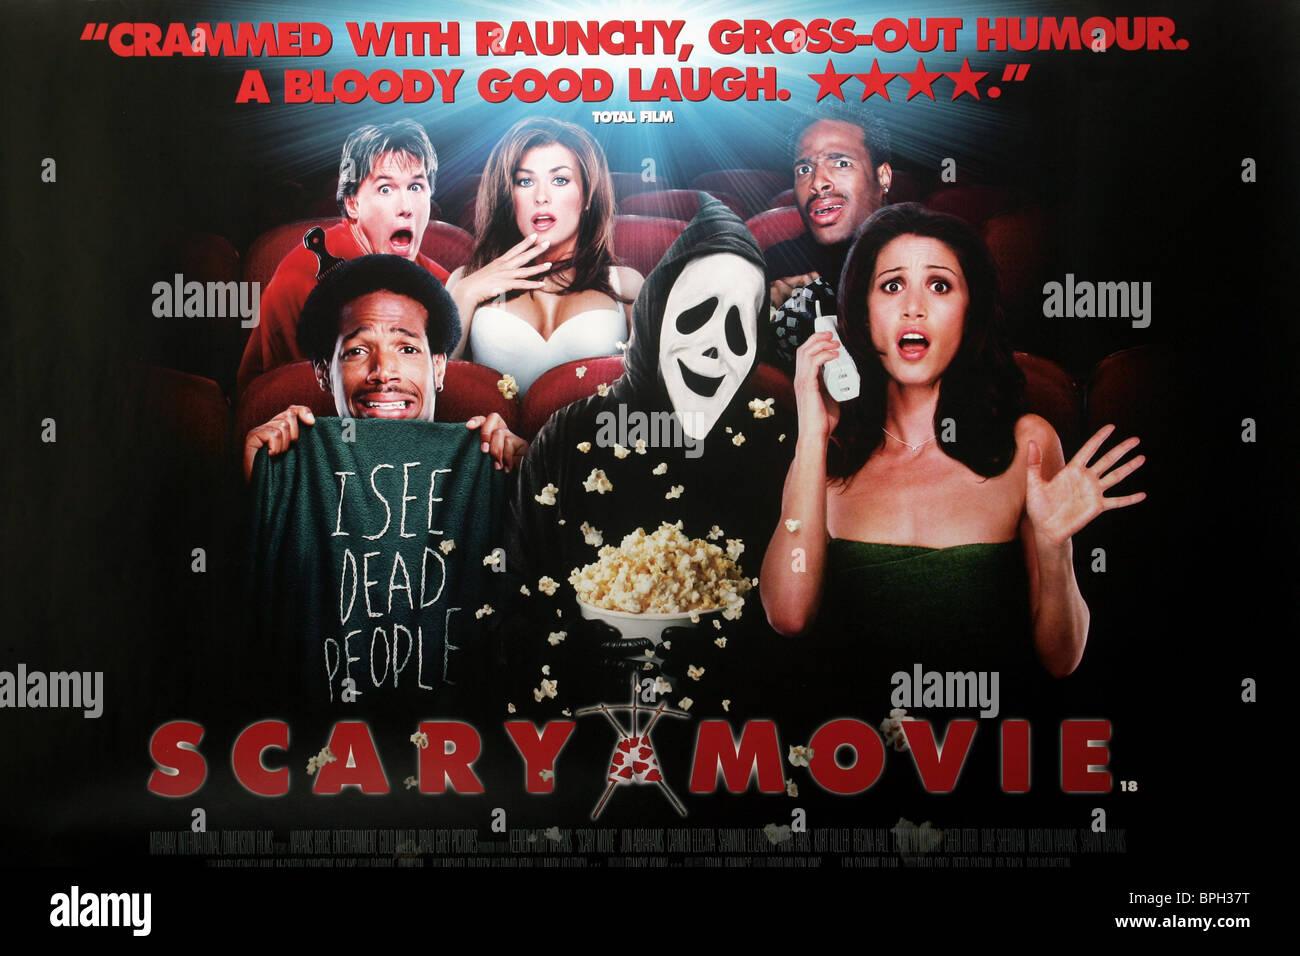 Movie Posters 2000: 2000 Film Movie Stock Photos & 2000 Film Movie Stock